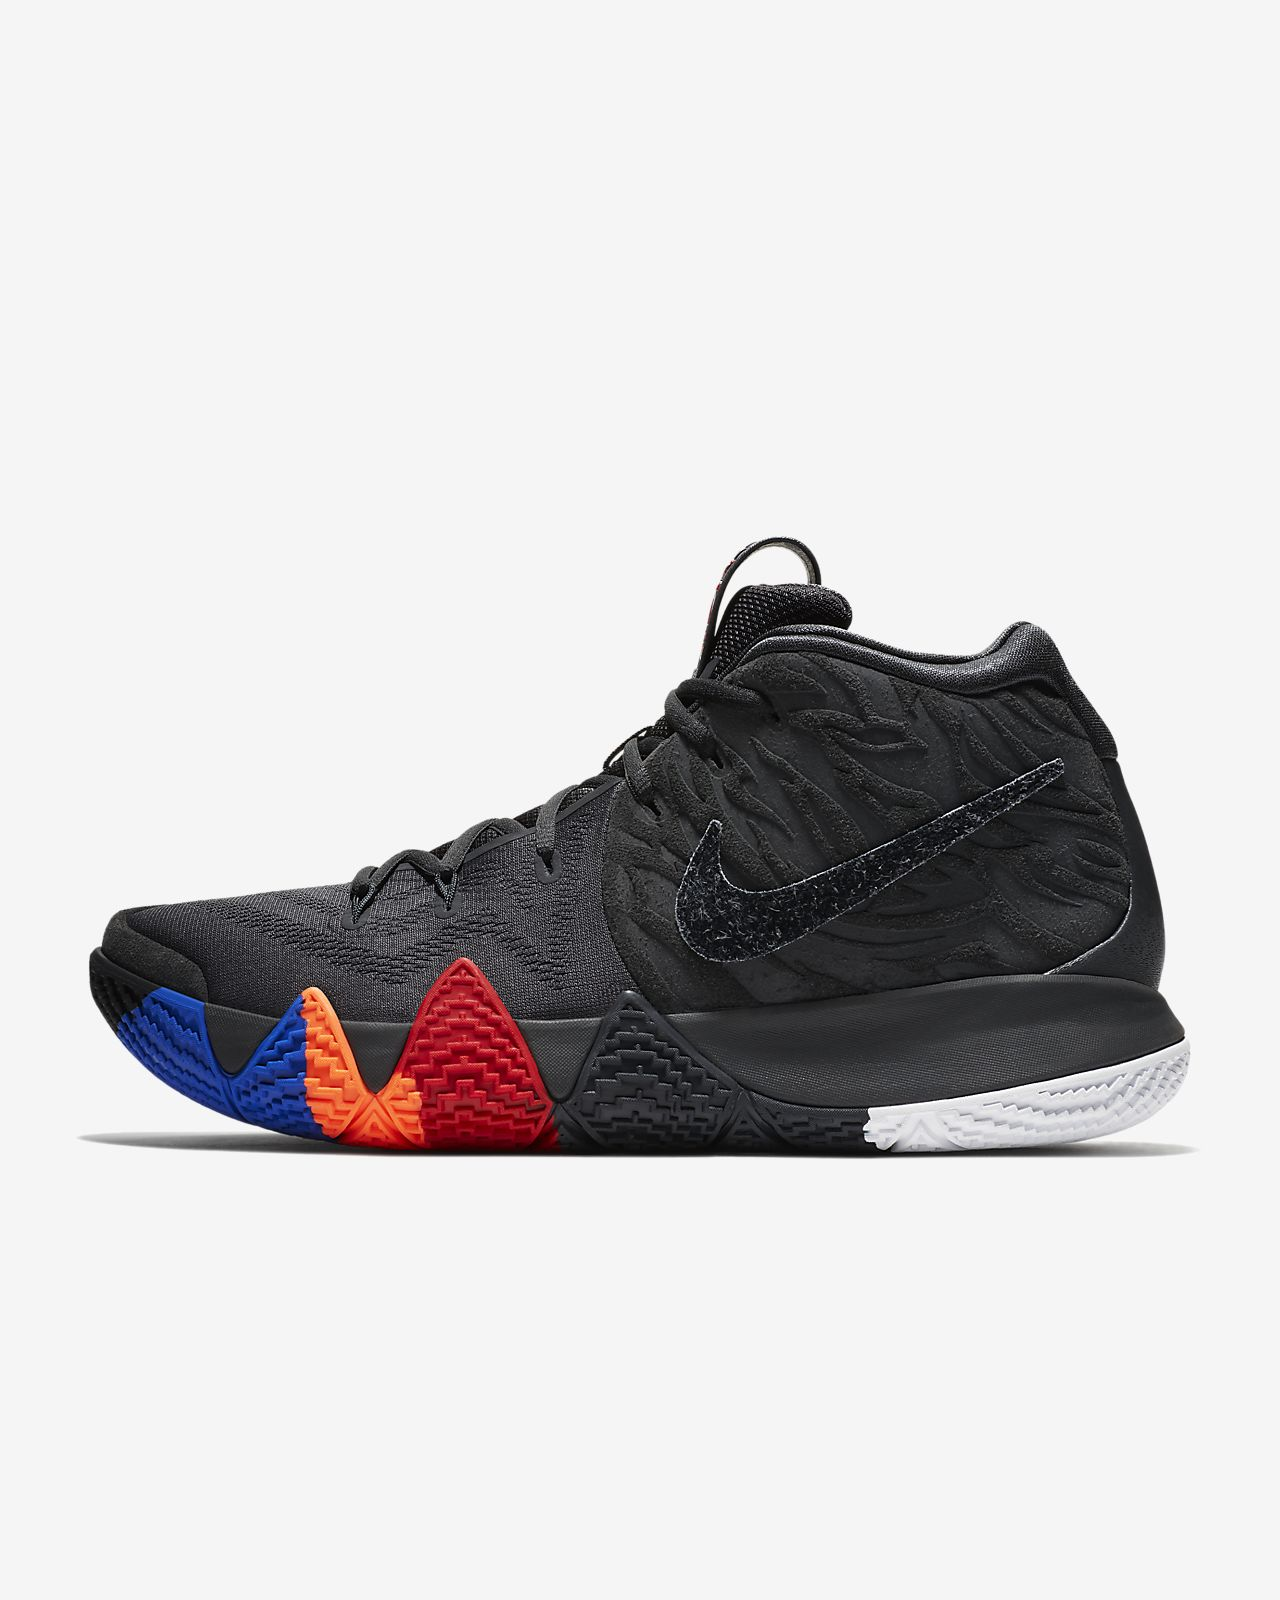 fd2efdfb90201 Kyrie 4 Zapatillas de baloncesto. Nike.com ES